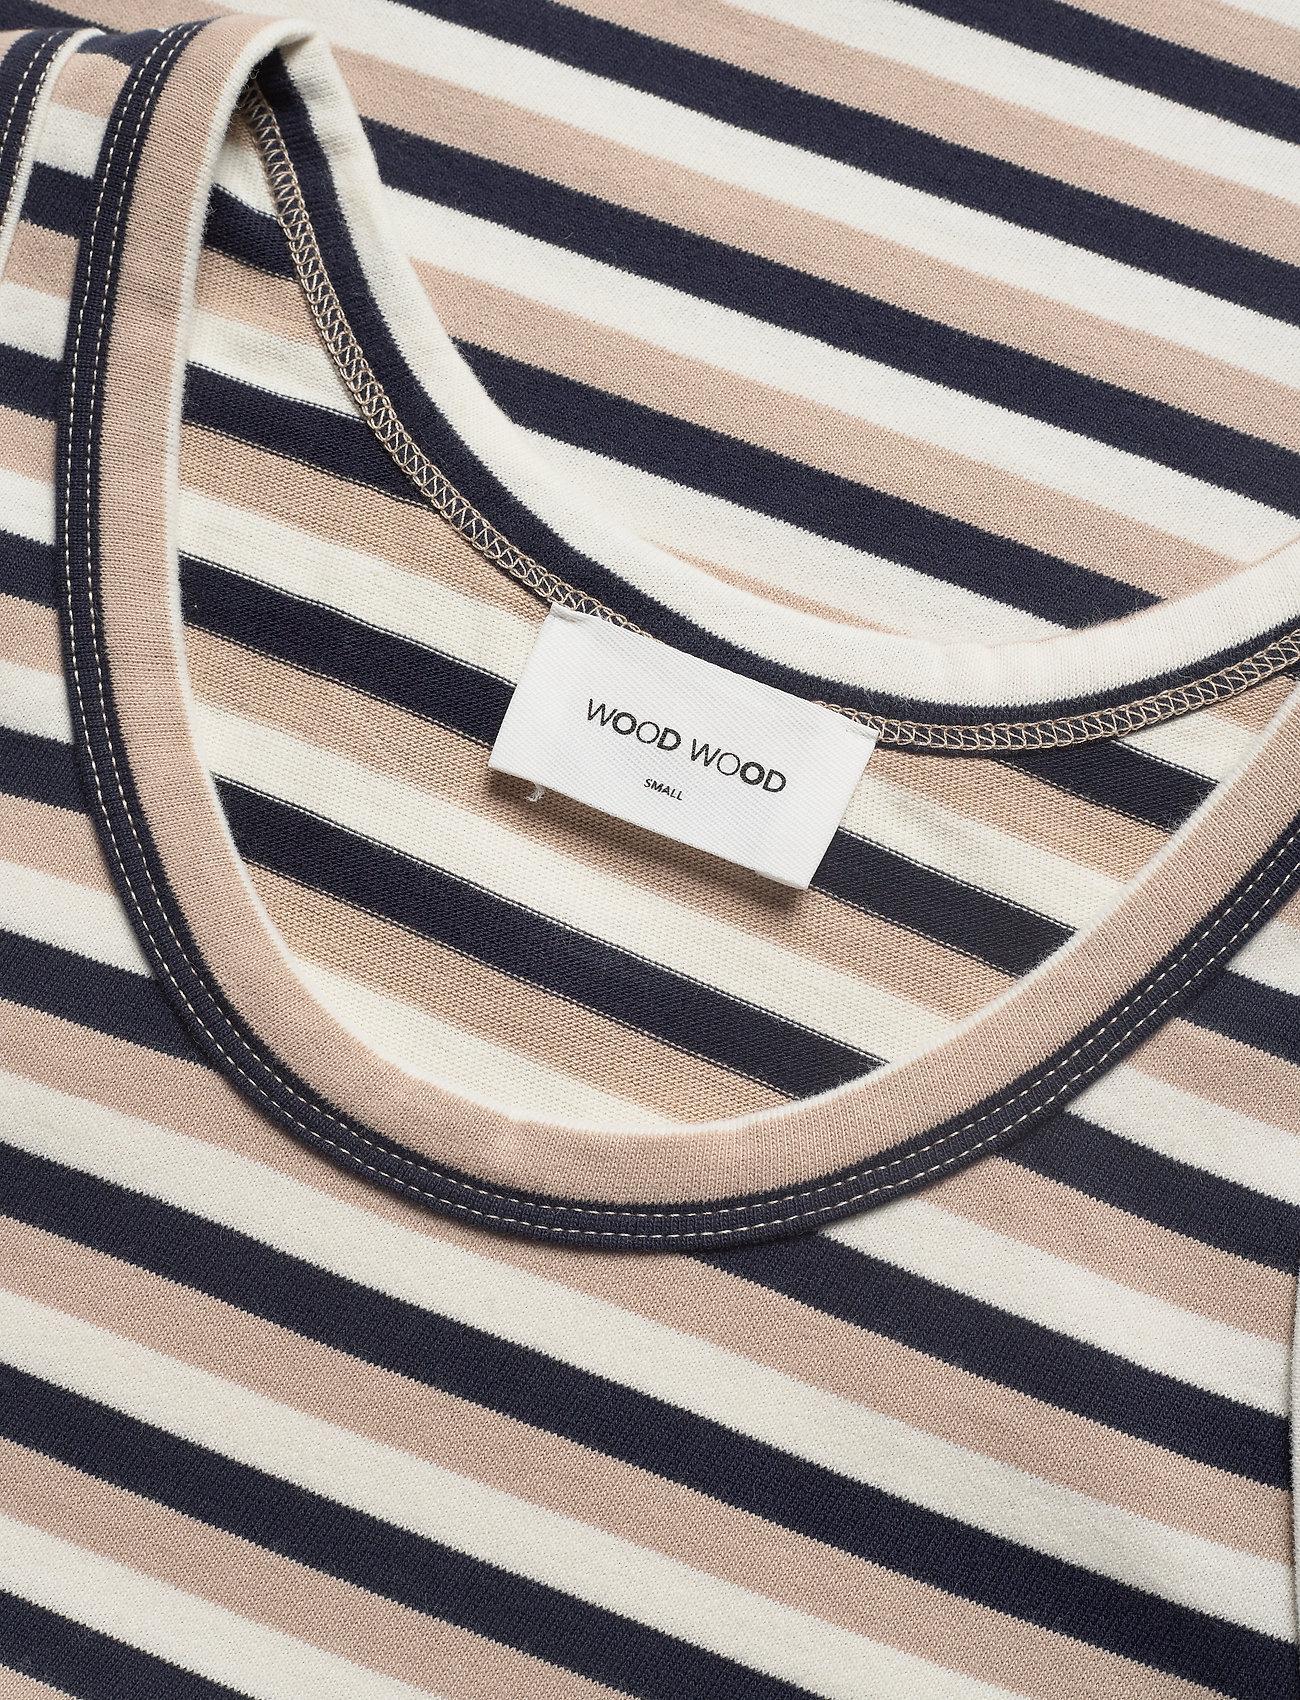 Wood Wood Mila top - T-shirty i zopy OFF-WHITE STRIPES - Kobiety Odzież.